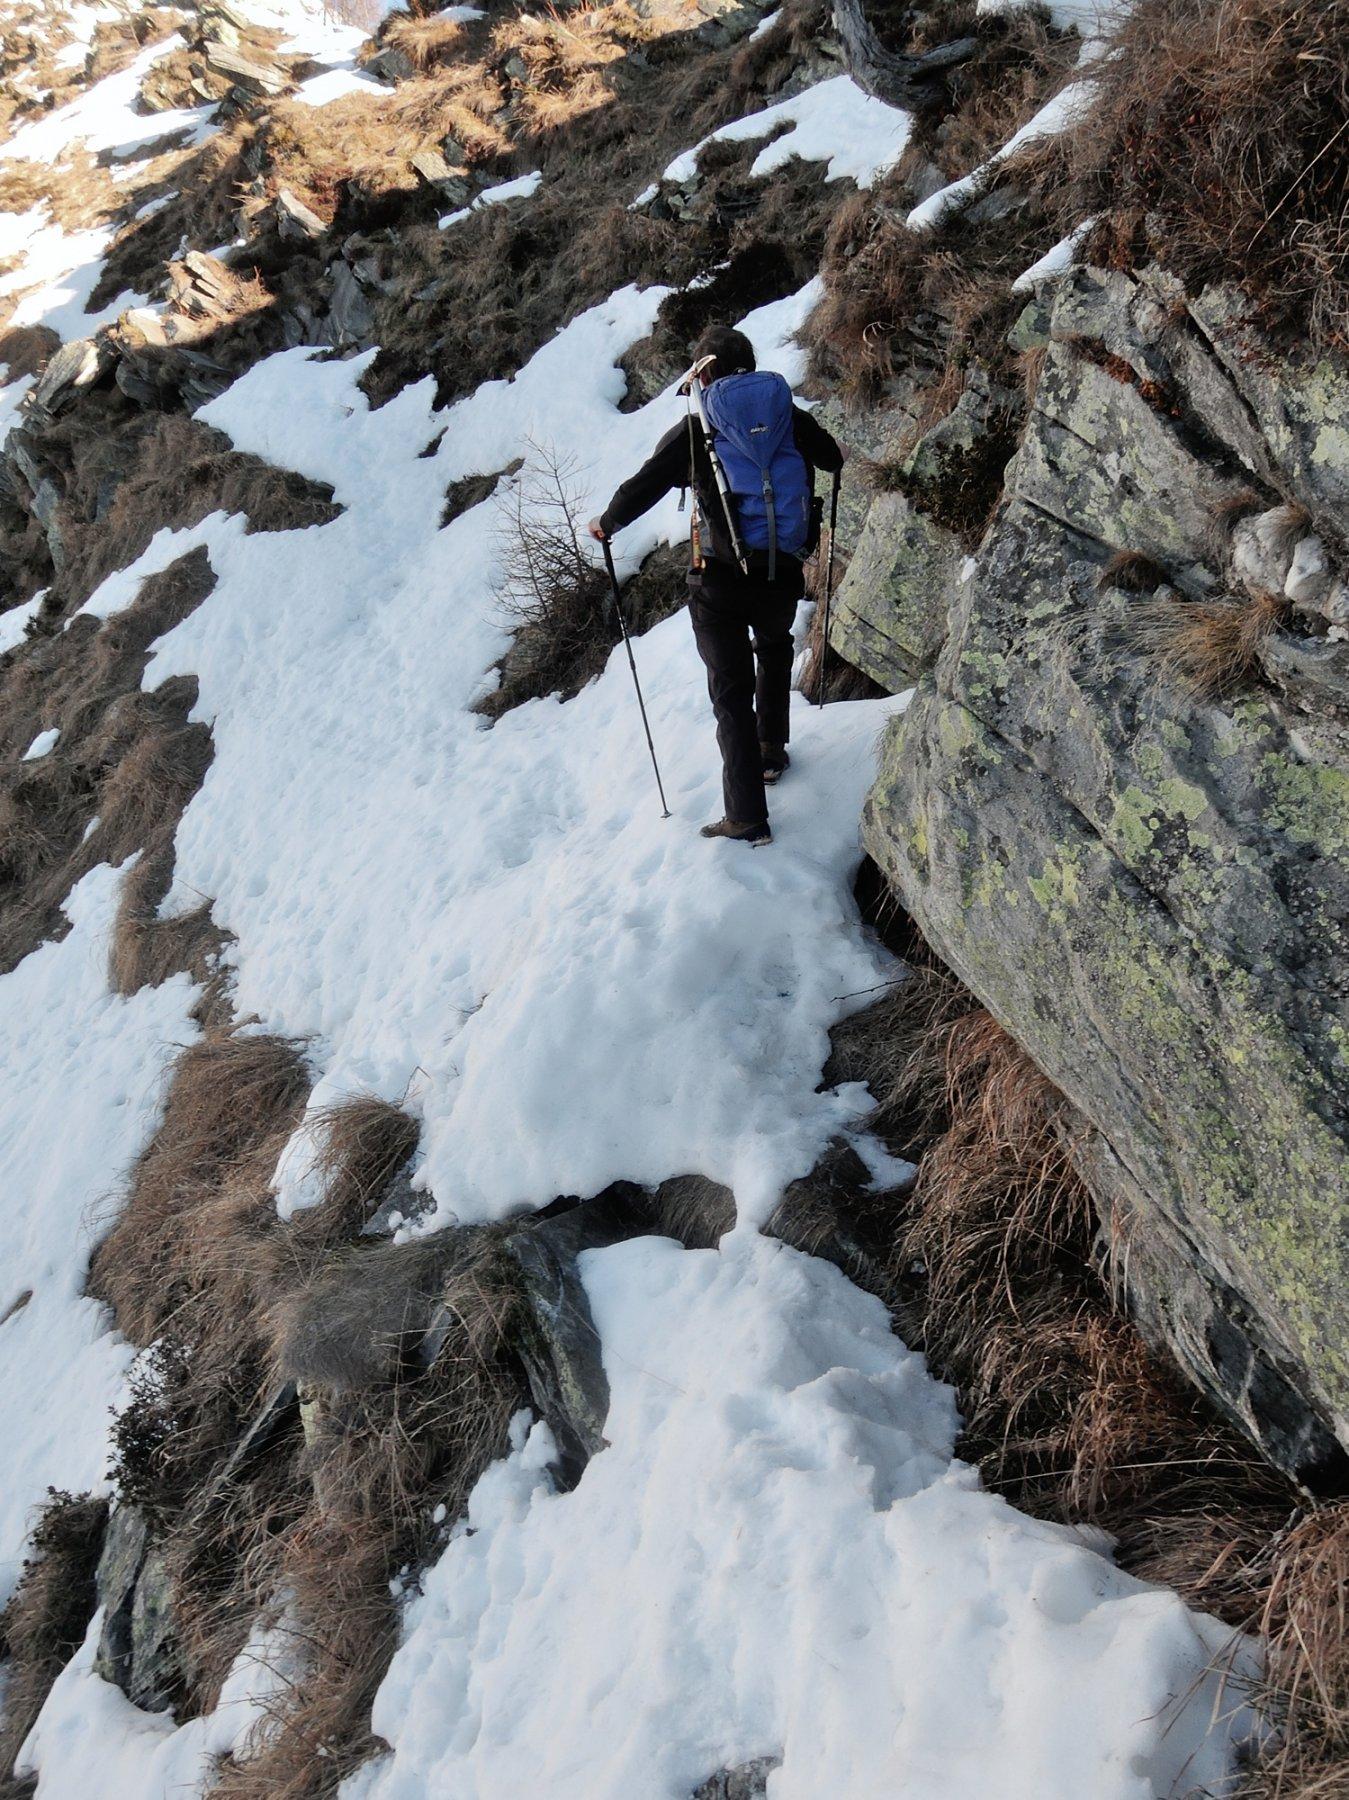 Passaggi critici sui pendii ad Ovest della cresta